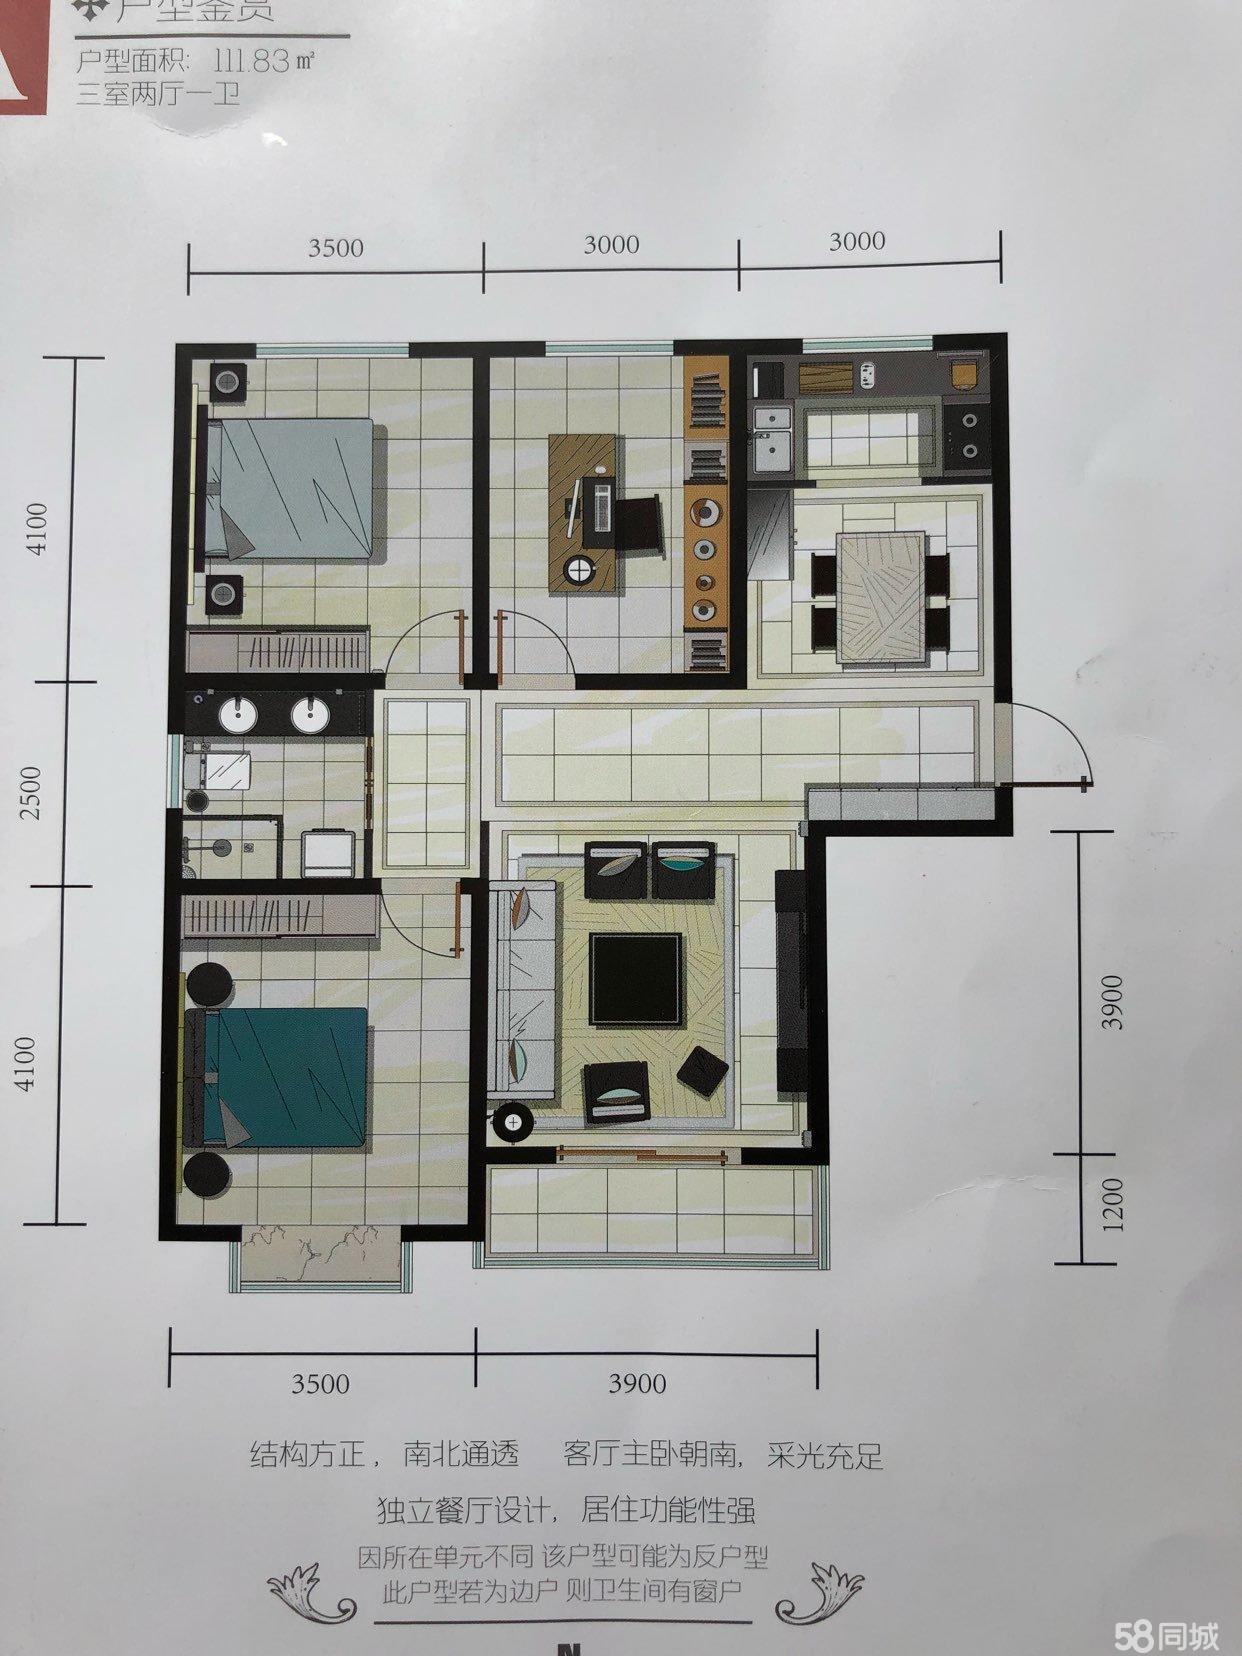 天镇九岸花城3室2厅1卫电梯现房包改名